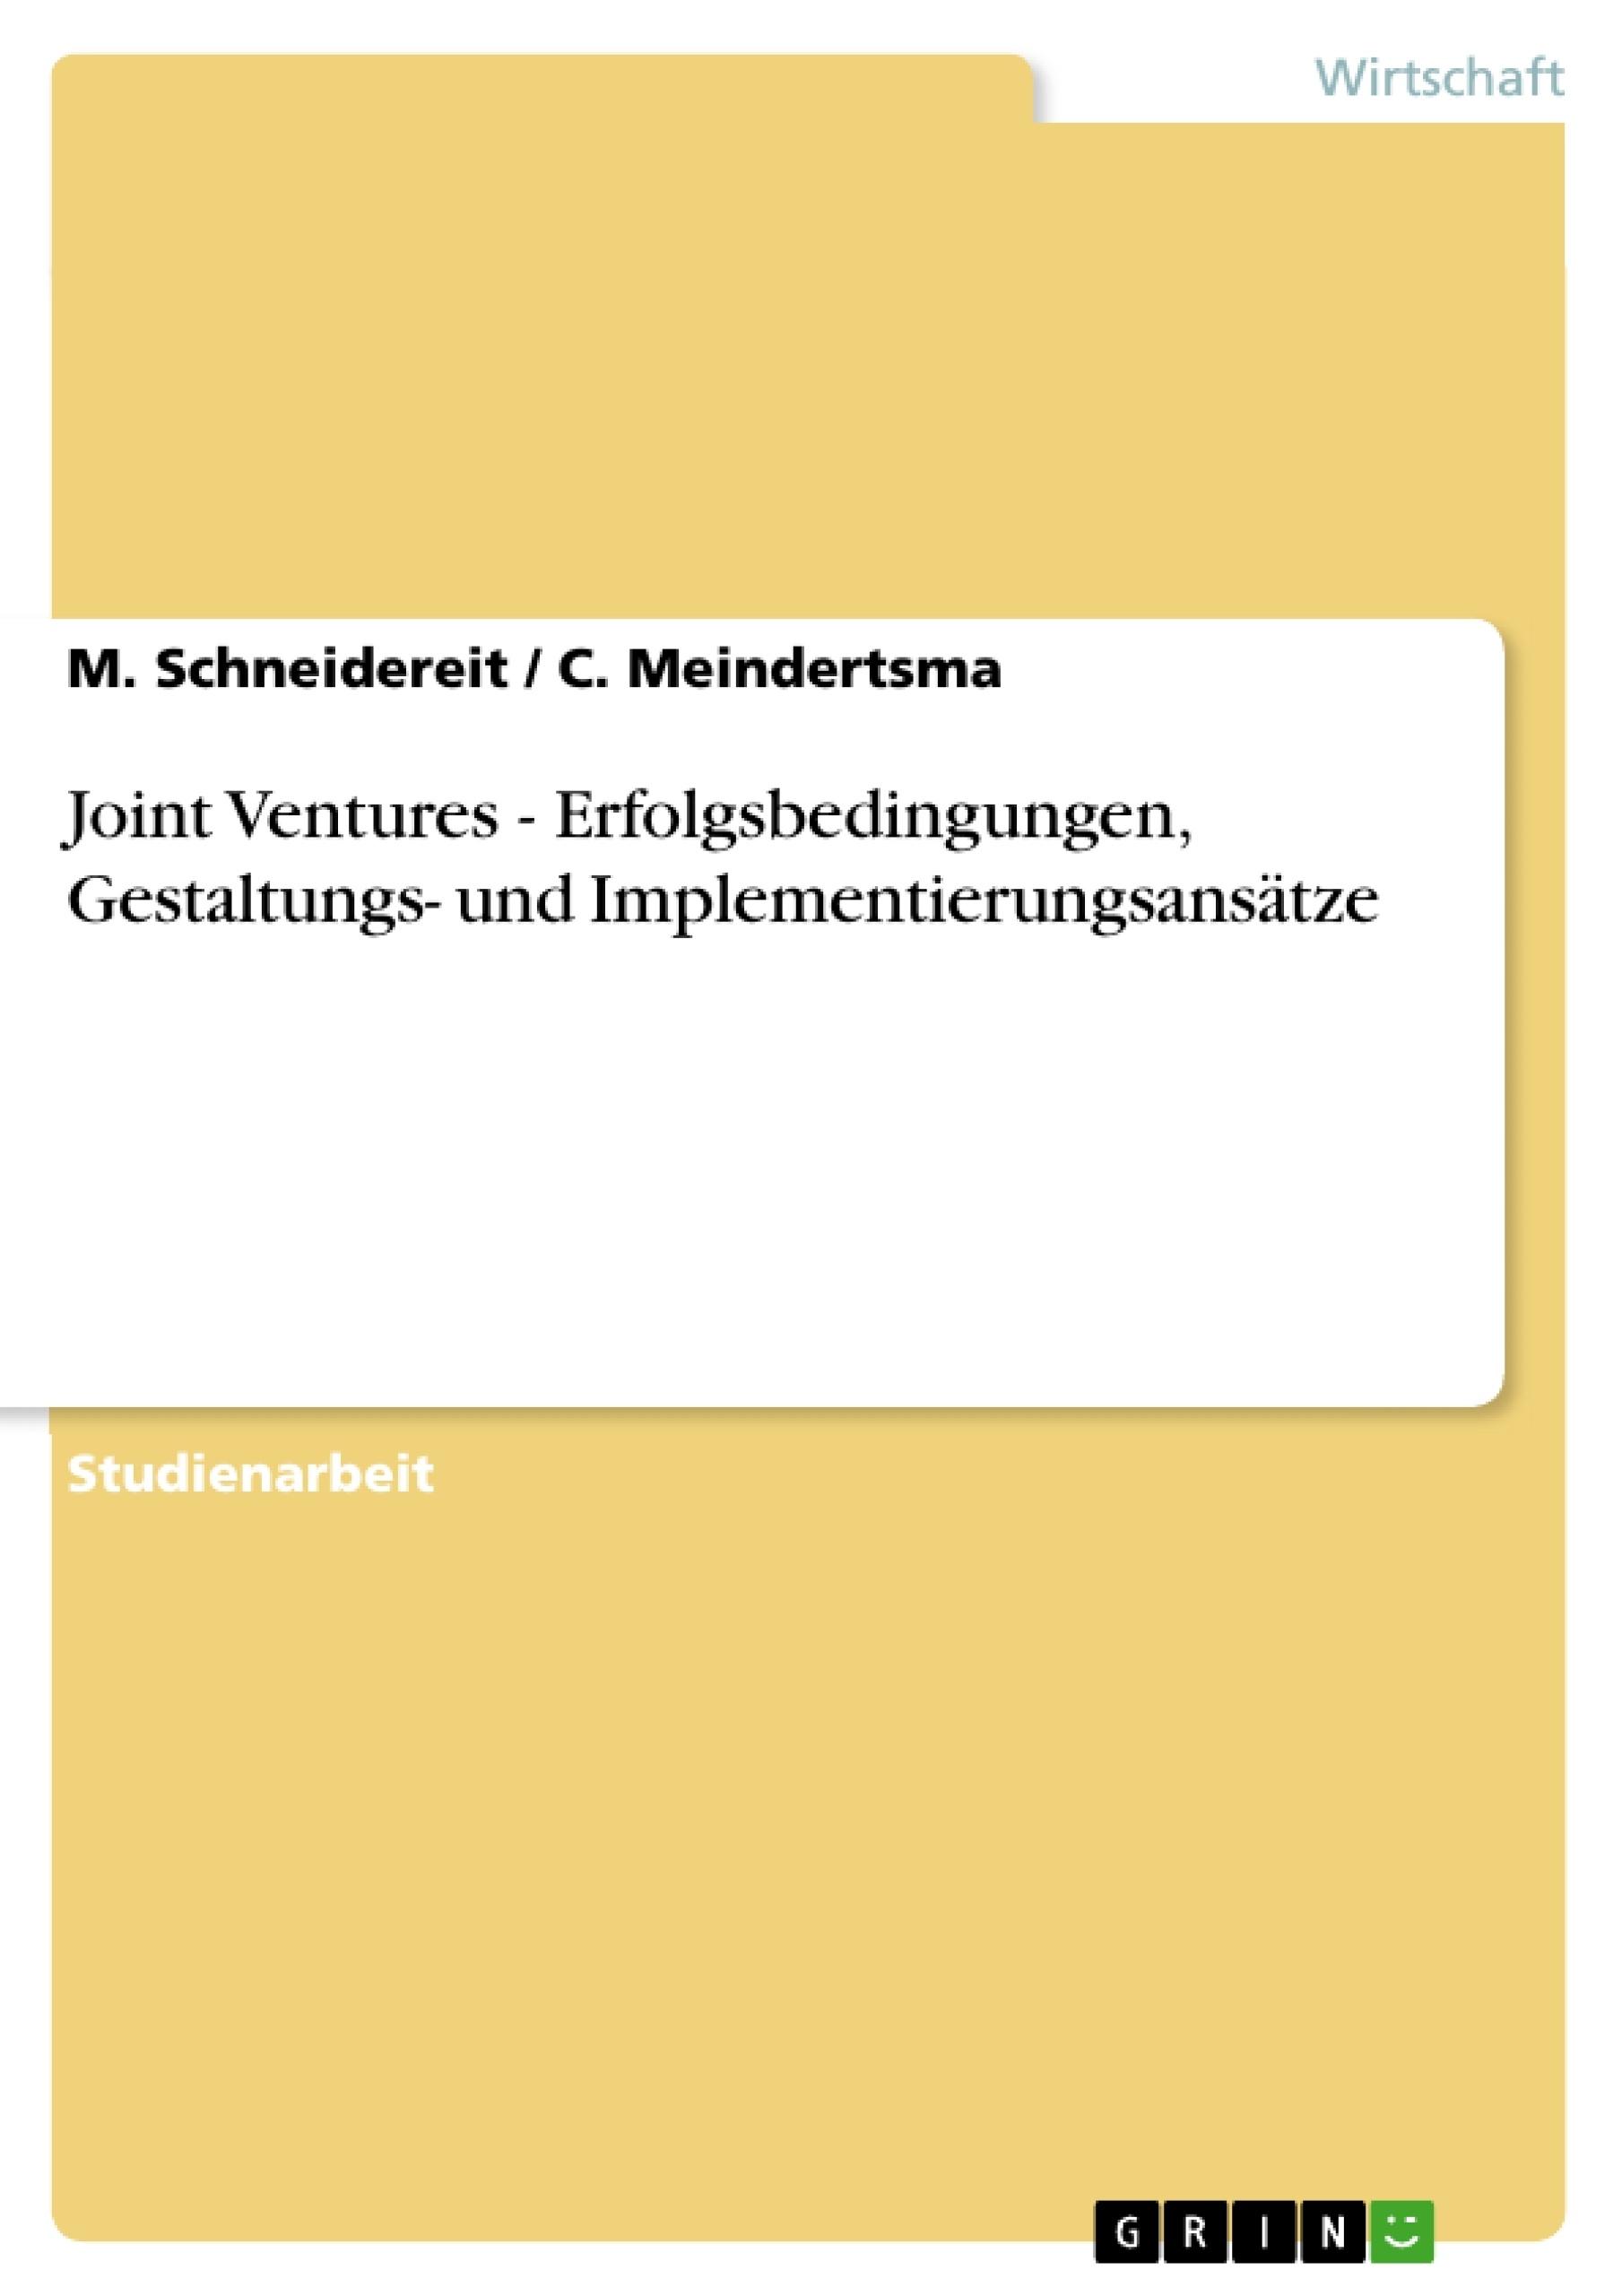 Titel: Joint Ventures - Erfolgsbedingungen, Gestaltungs- und Implementierungsansätze